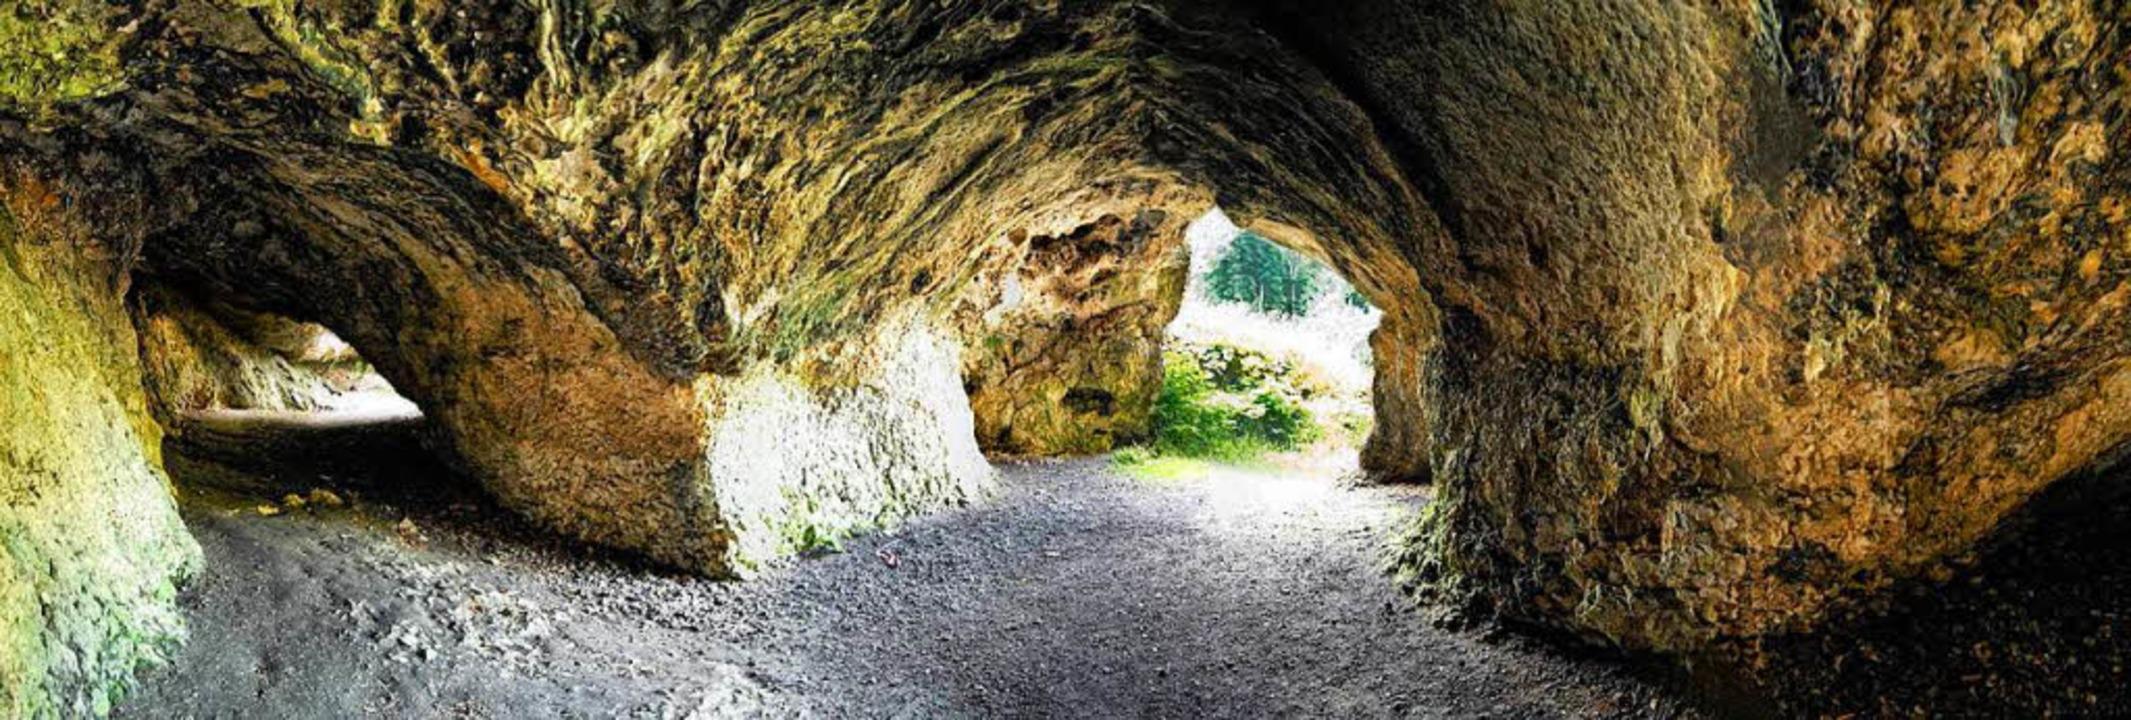 Der Vogelherd ist der ergiebigste Fundort unter den neuen Unesco-Höhlen.  | Foto: Guido Serino / Landratsamt Heidenheim